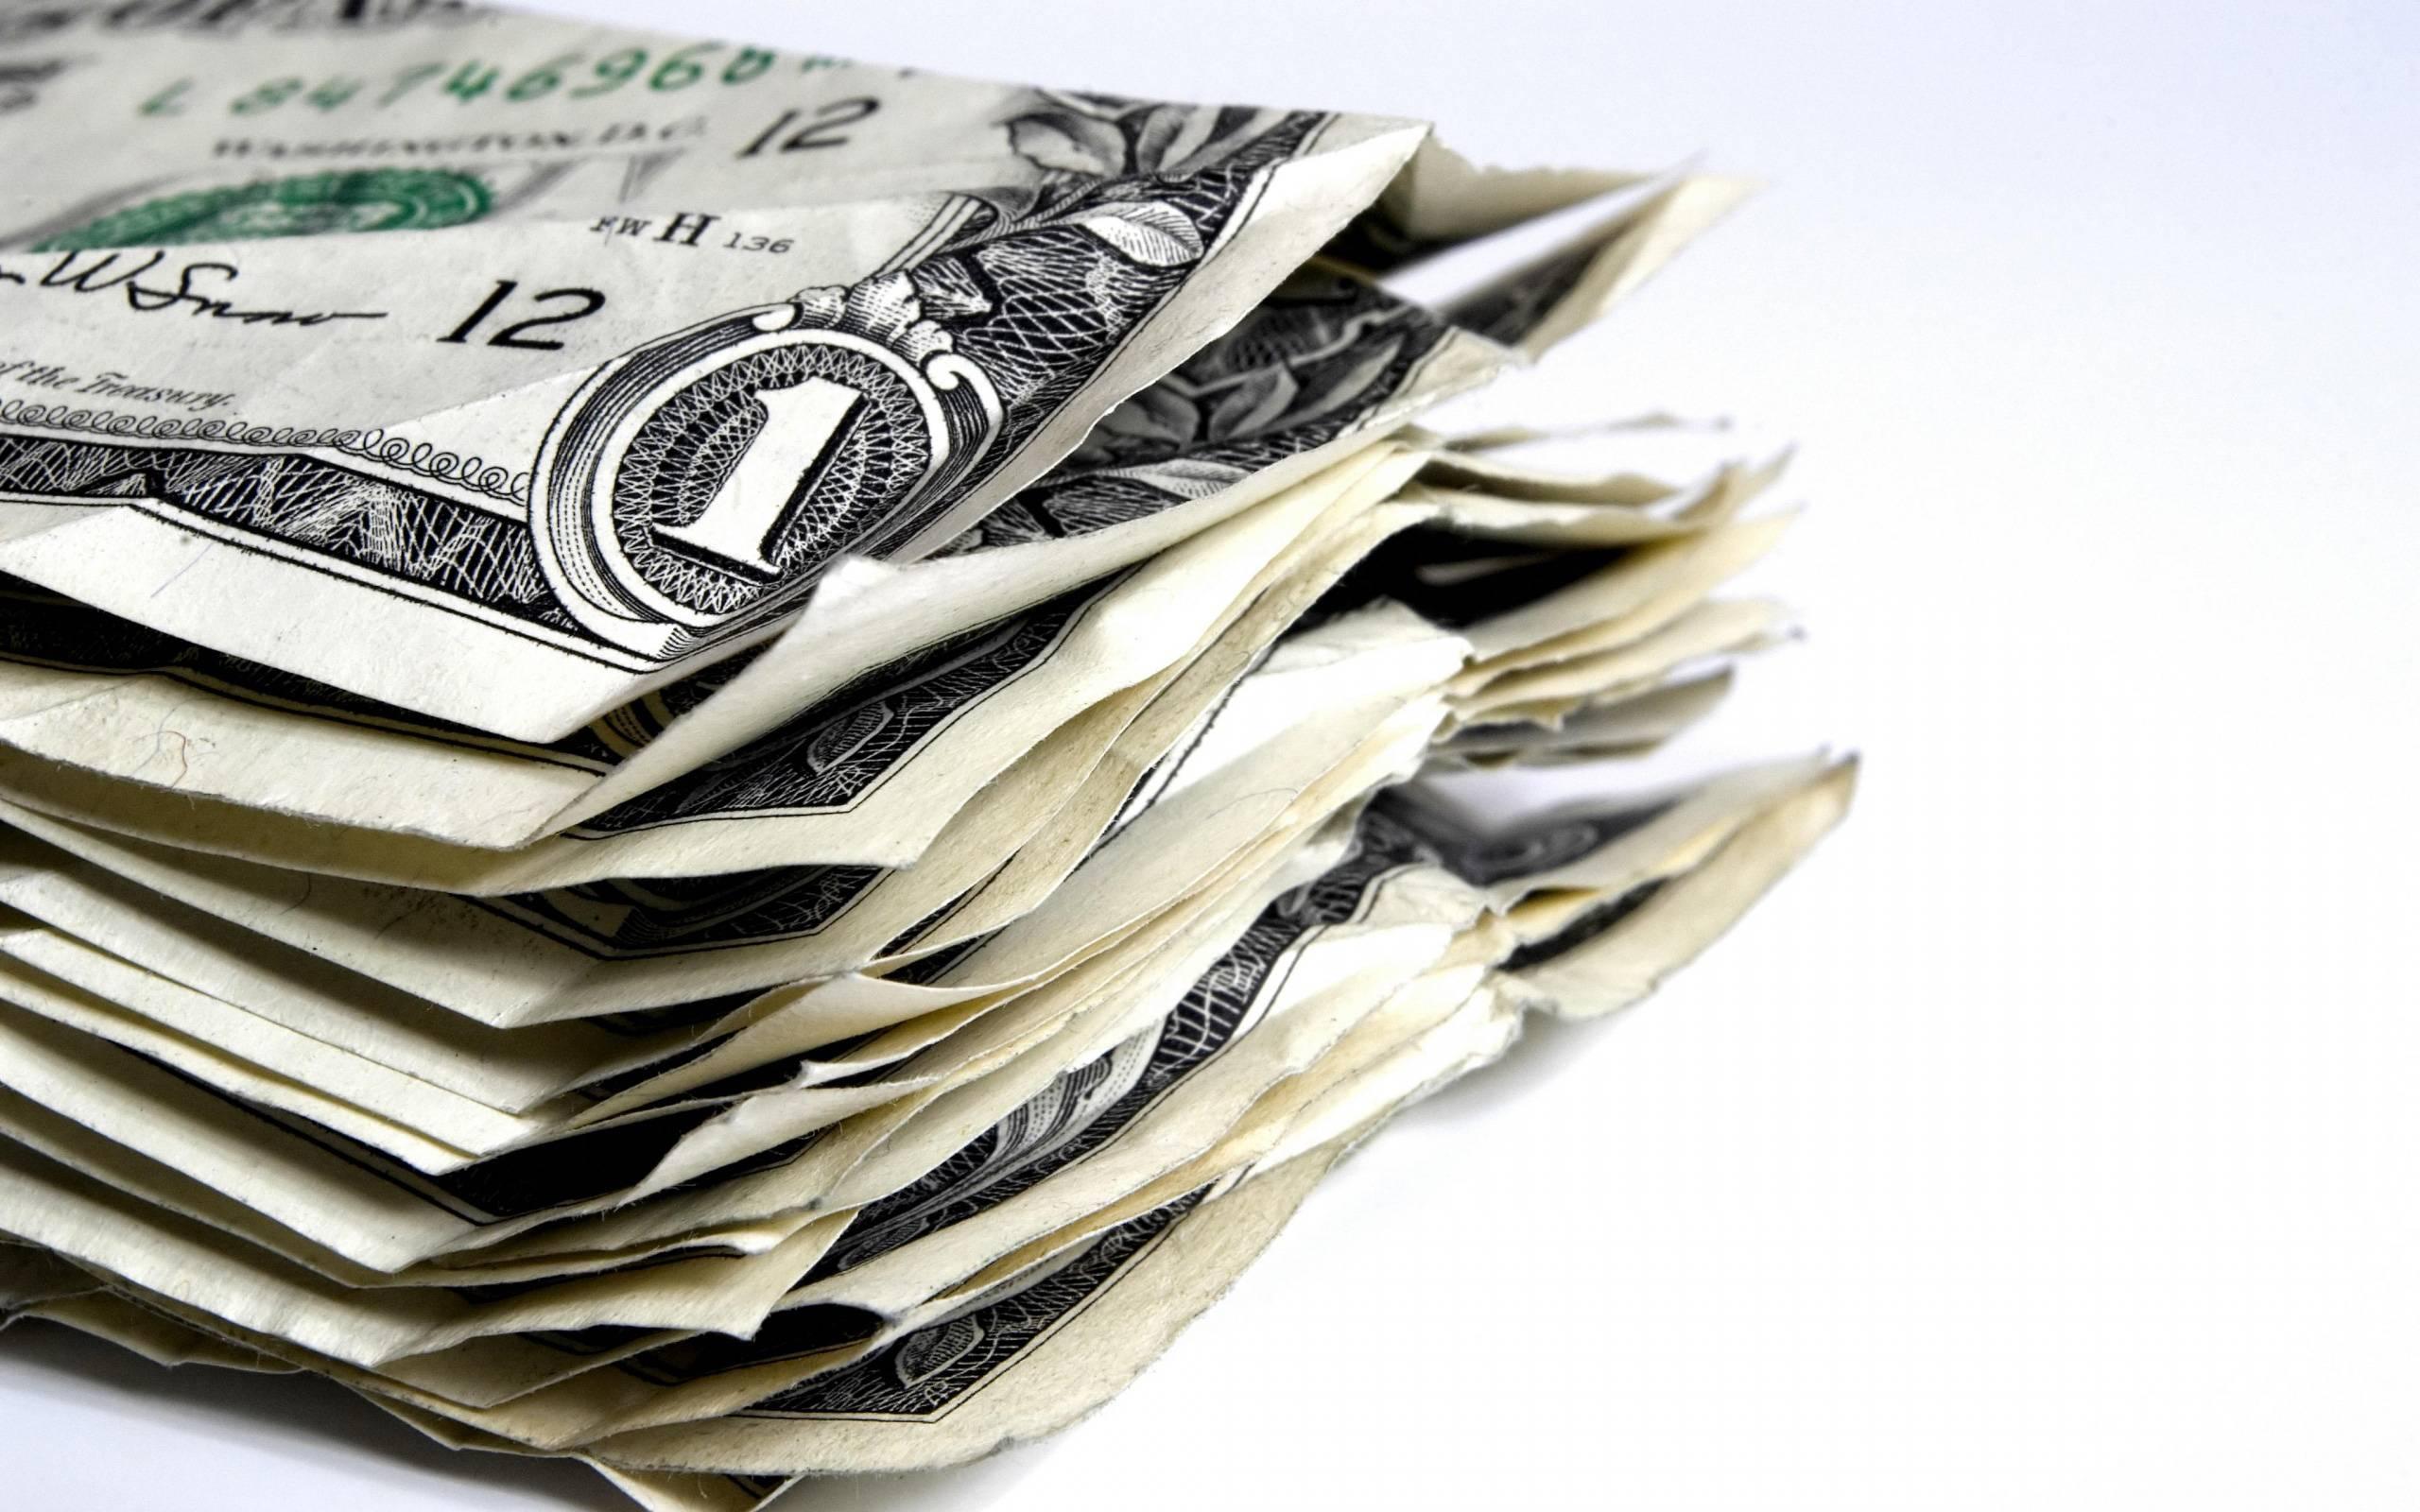 money-b6a39e29de0c393f9086dca9a04ac935.jpg